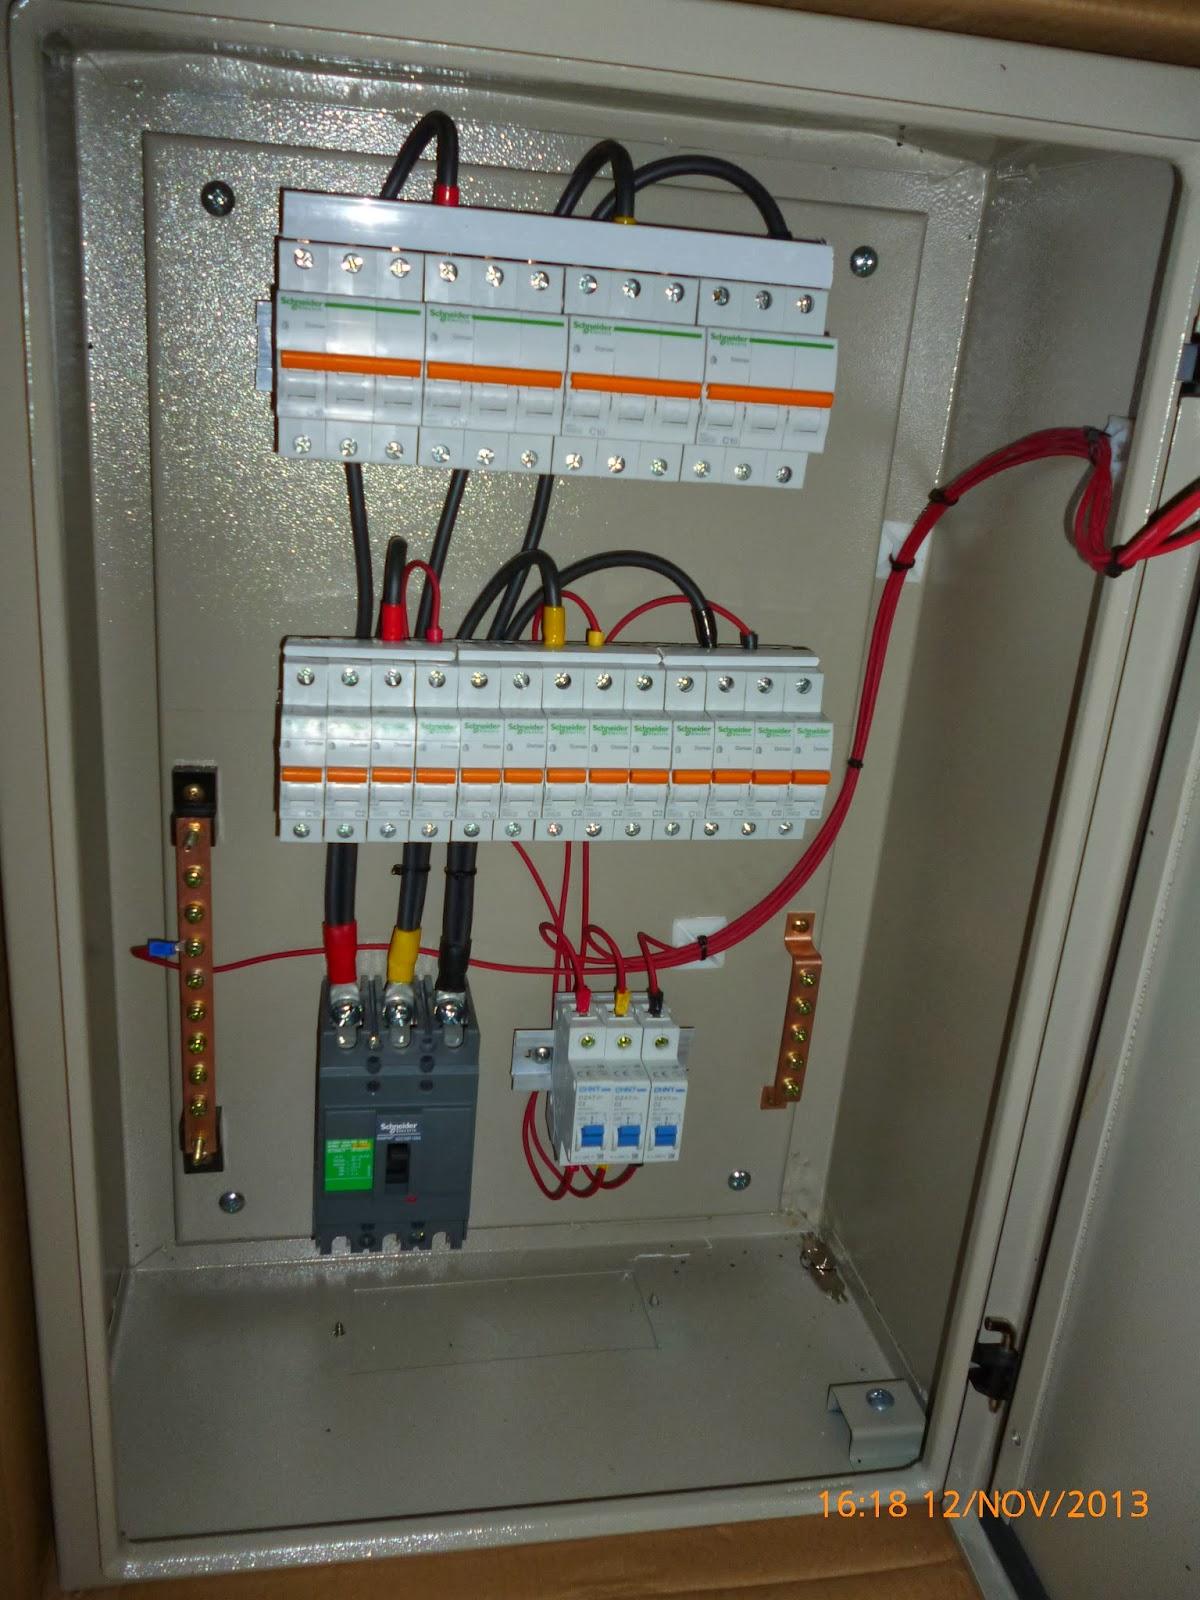 Wiring Diagram Panel Kontrol : Etnik sugitama engineering panel ac dan lampu